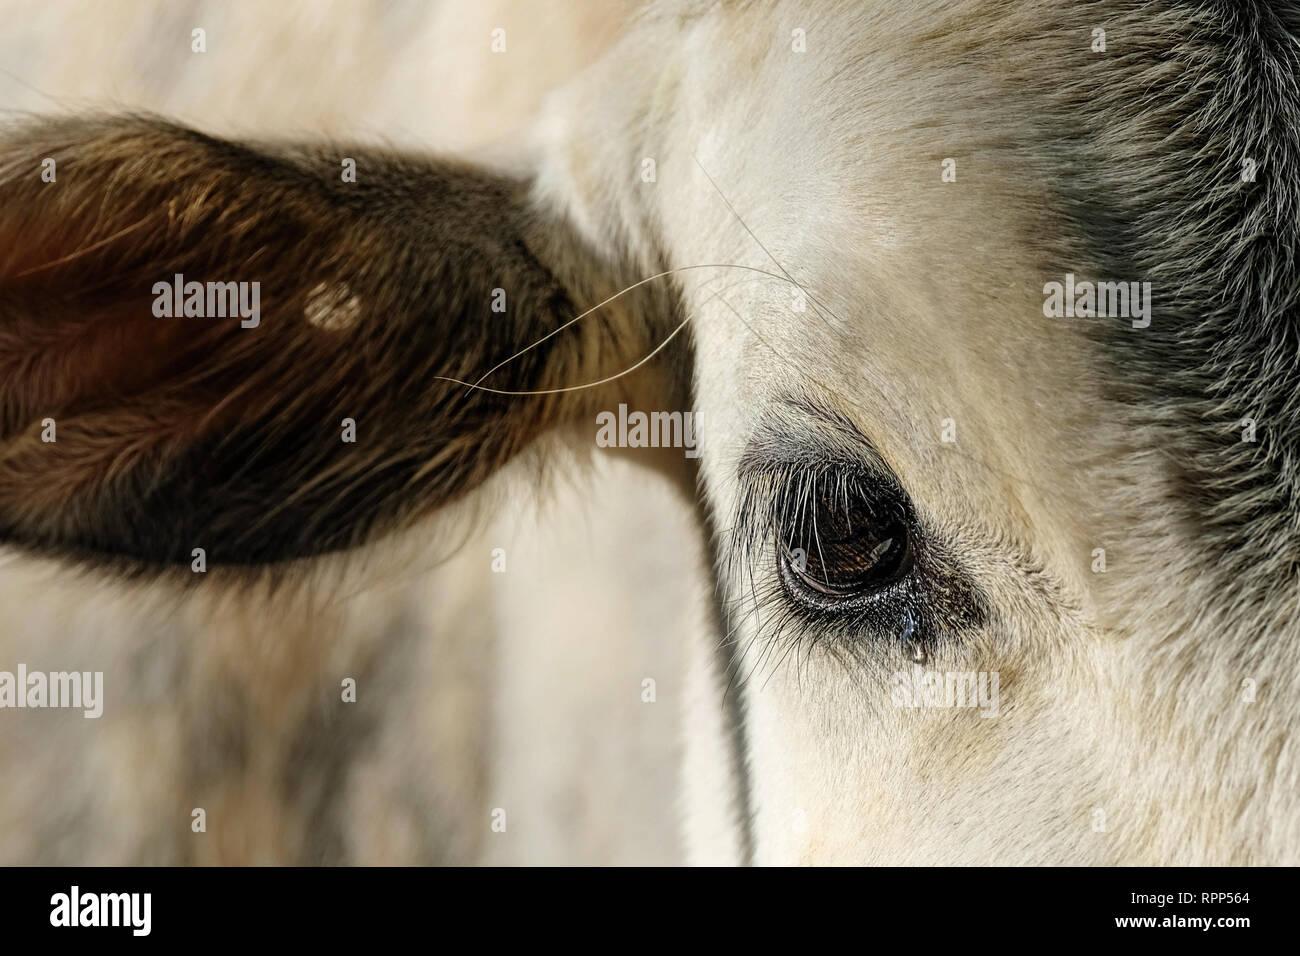 Vaca con lágrimas en los ojos cerrar Foto de stock